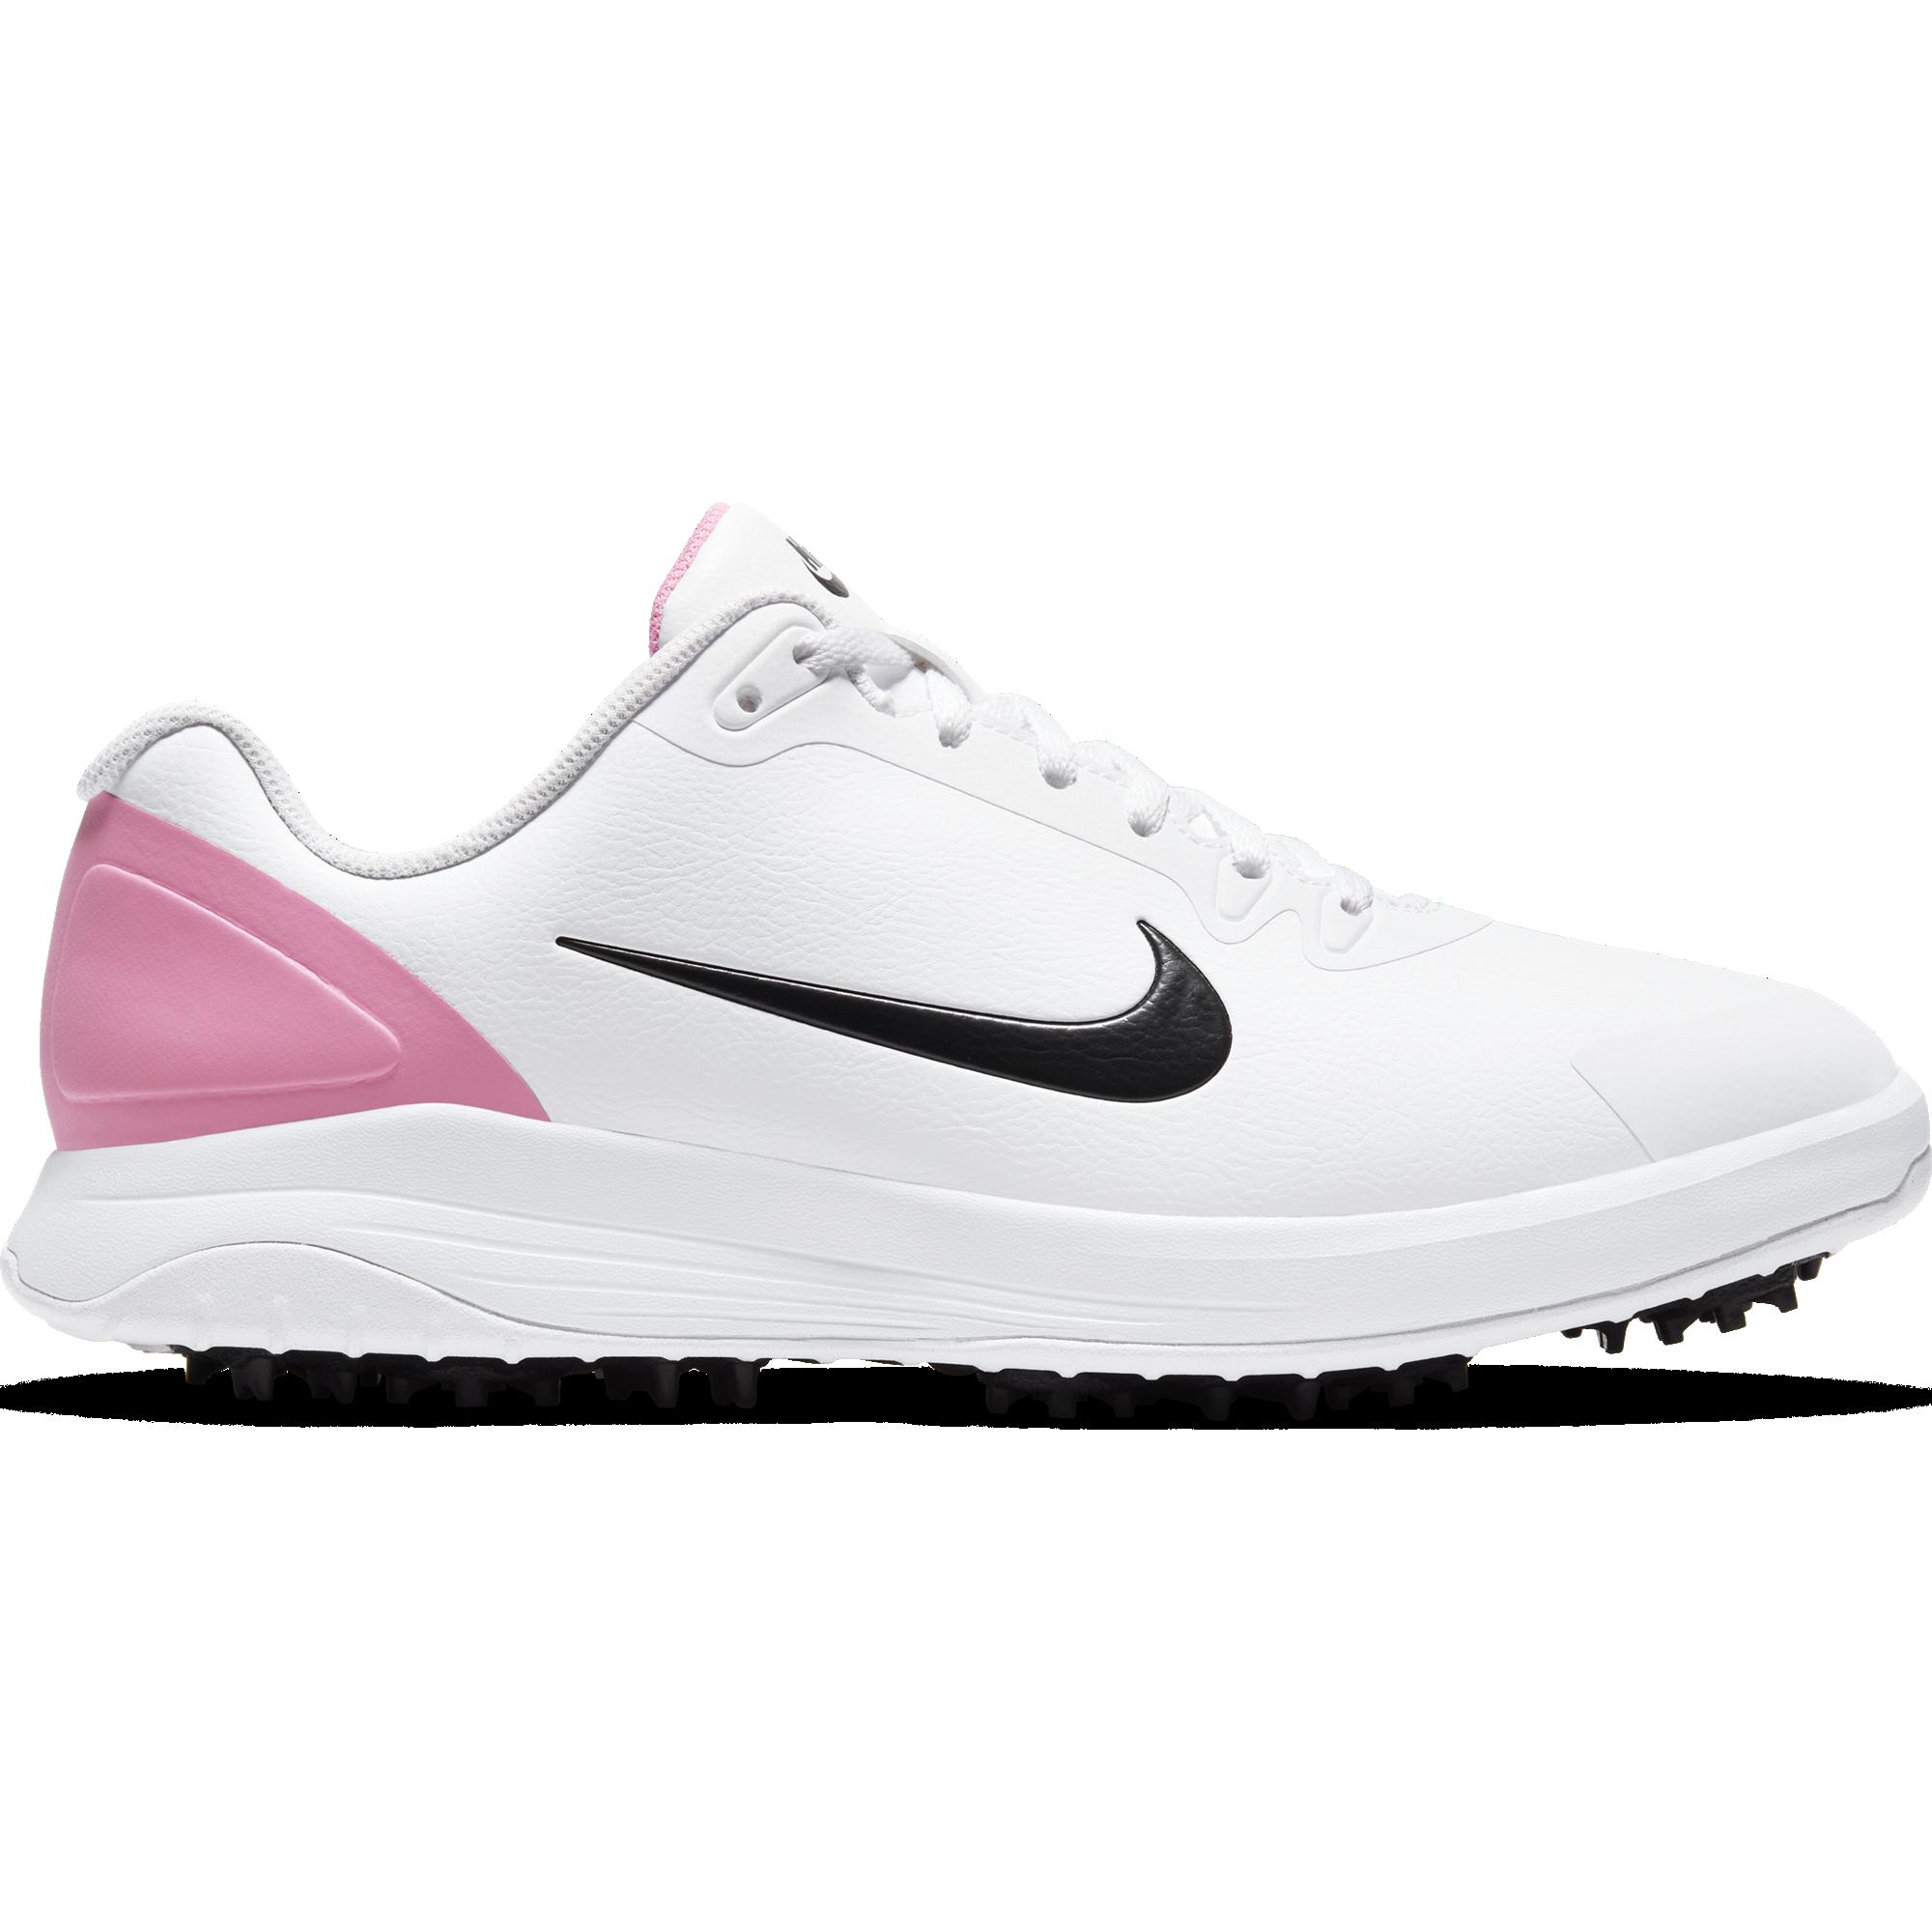 Nike Infinity G Men's Golf Shoe - White